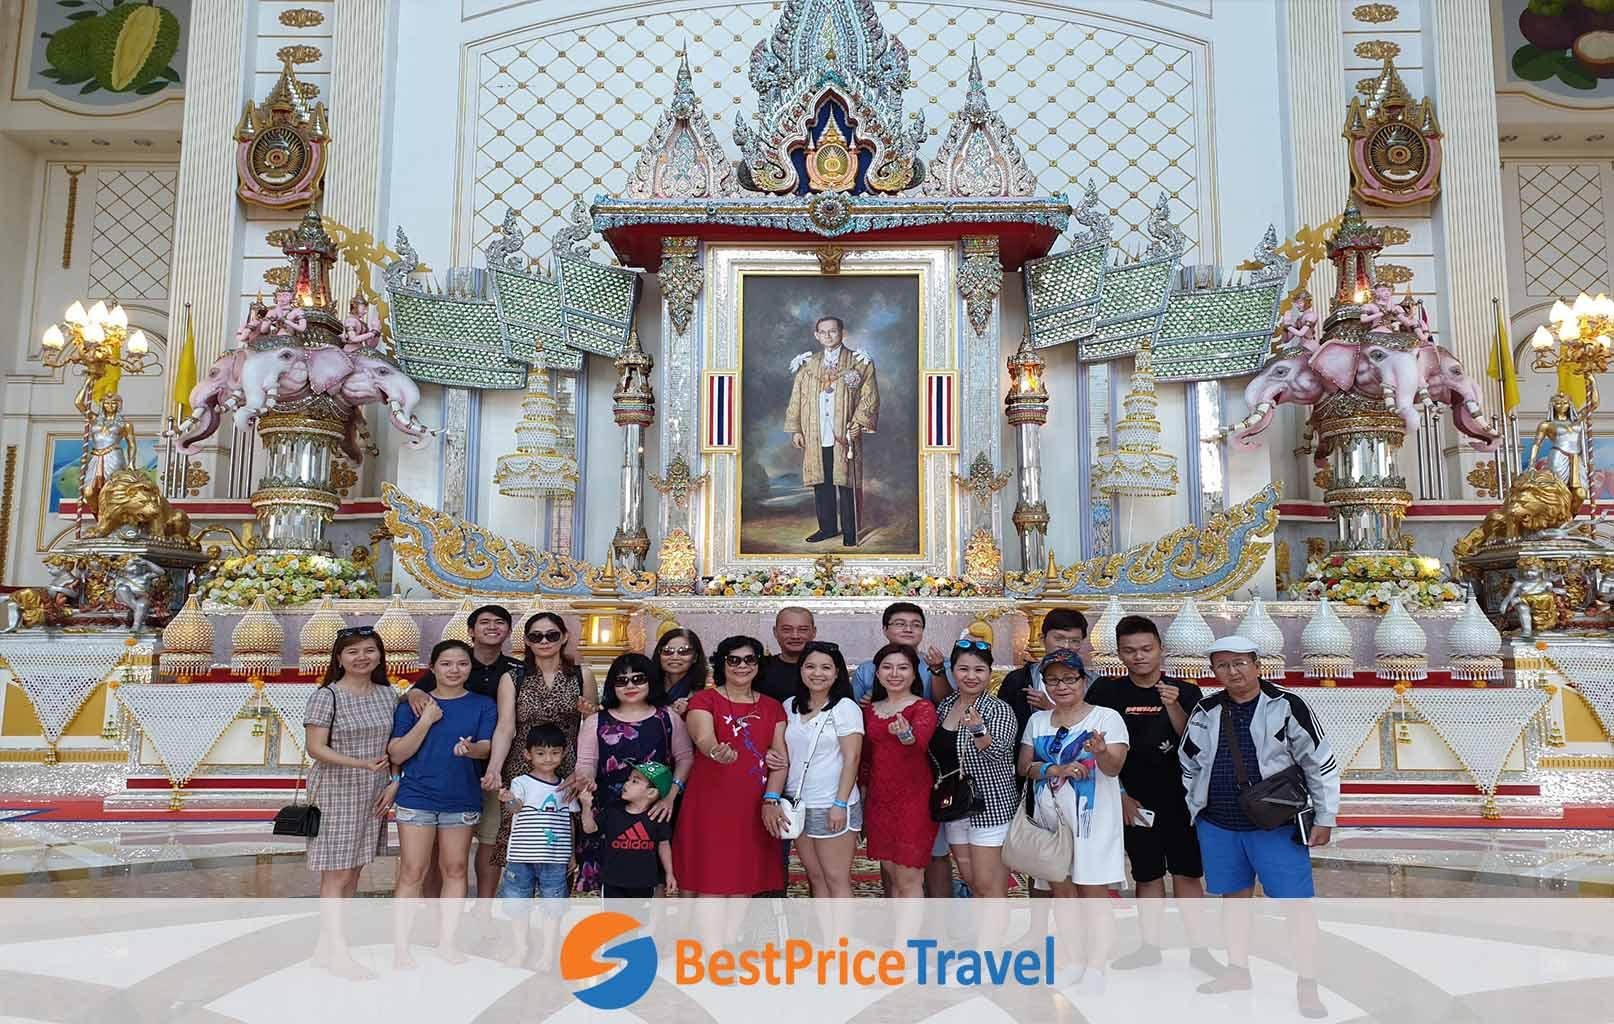 Hình ảnh khách hàng BestPrice tại Lâu Đài Tỷ Phú (Baan Sukhawadee)